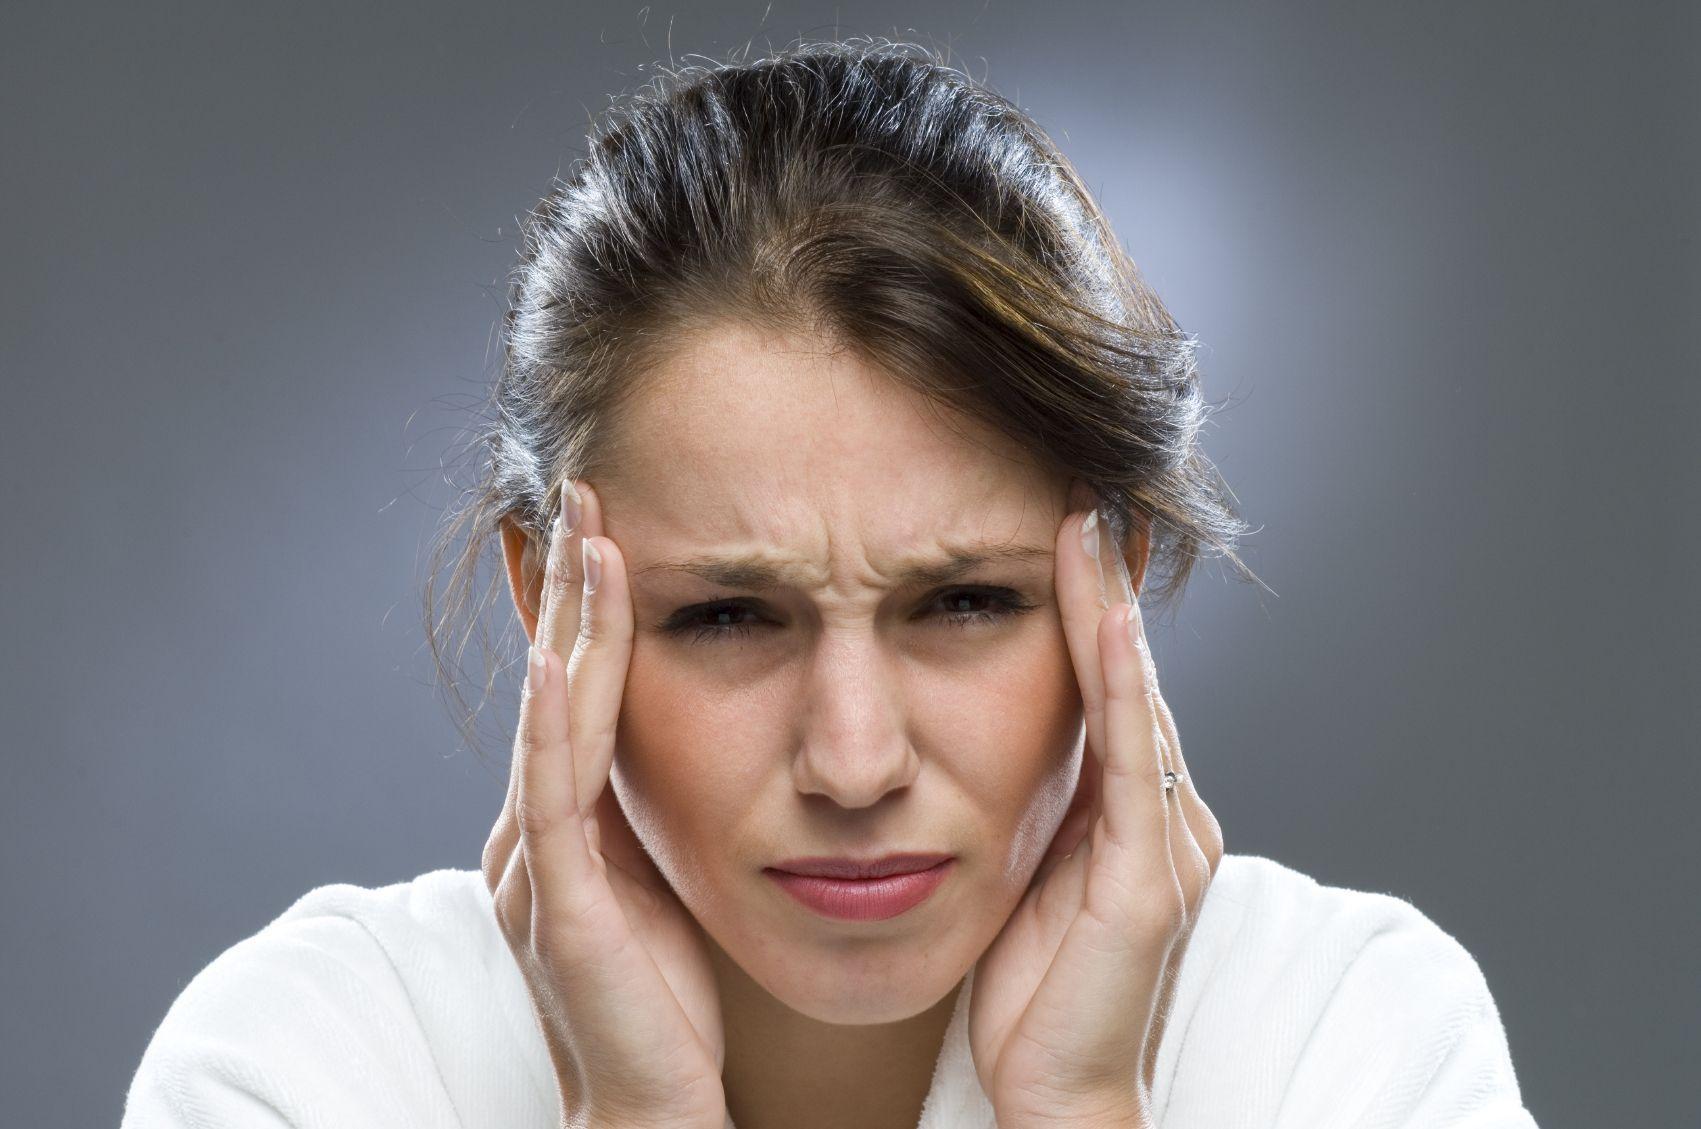 Boala fără simptome care poate ucide într-o secundă. Peste șapte milioane de români o au